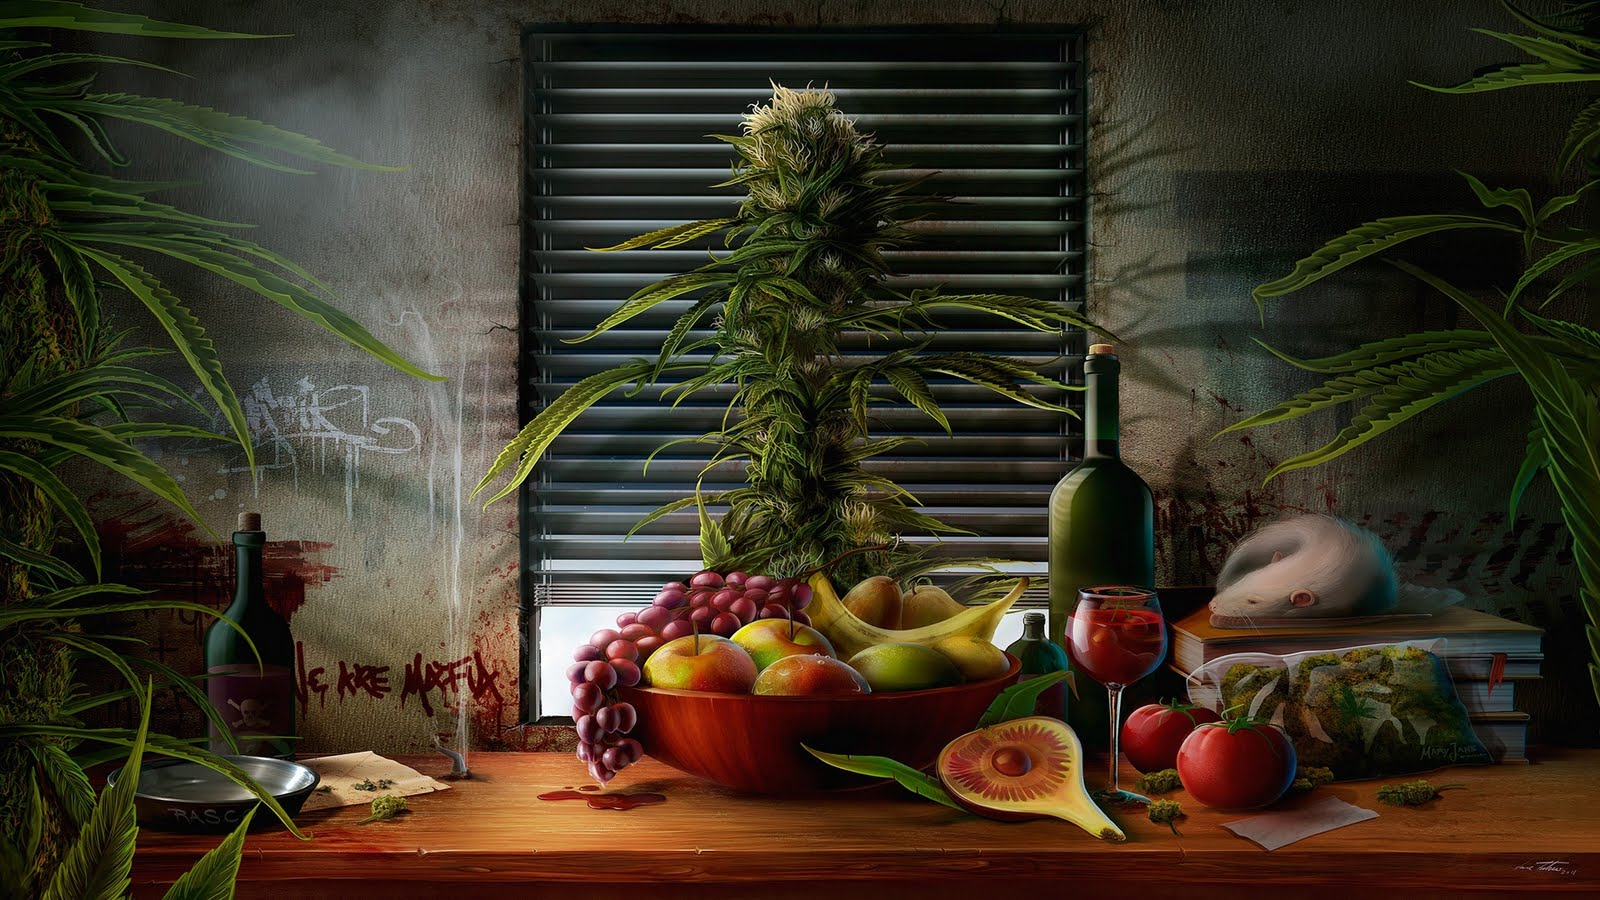 http://3.bp.blogspot.com/-7dYjfbocT9Q/Tl9i1PzdvLI/AAAAAAAADko/n47Bwd-38lo/s1600/fruity-1920x1080.jpg